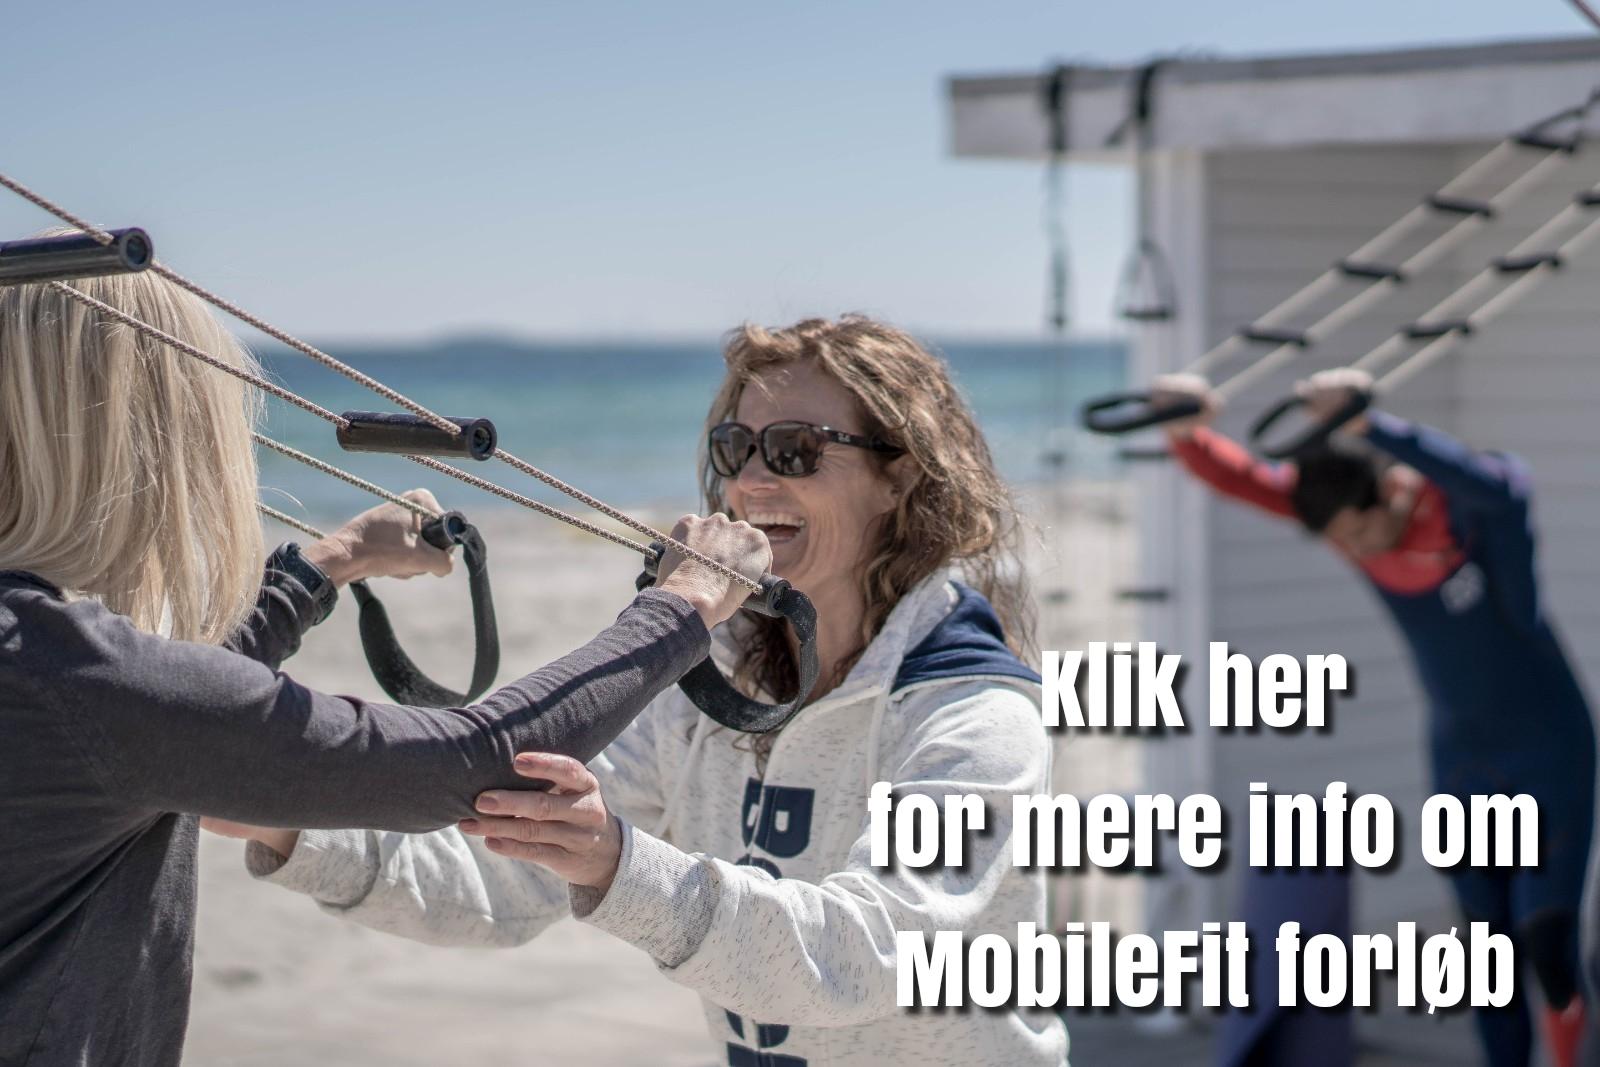 MobileFit Forløb